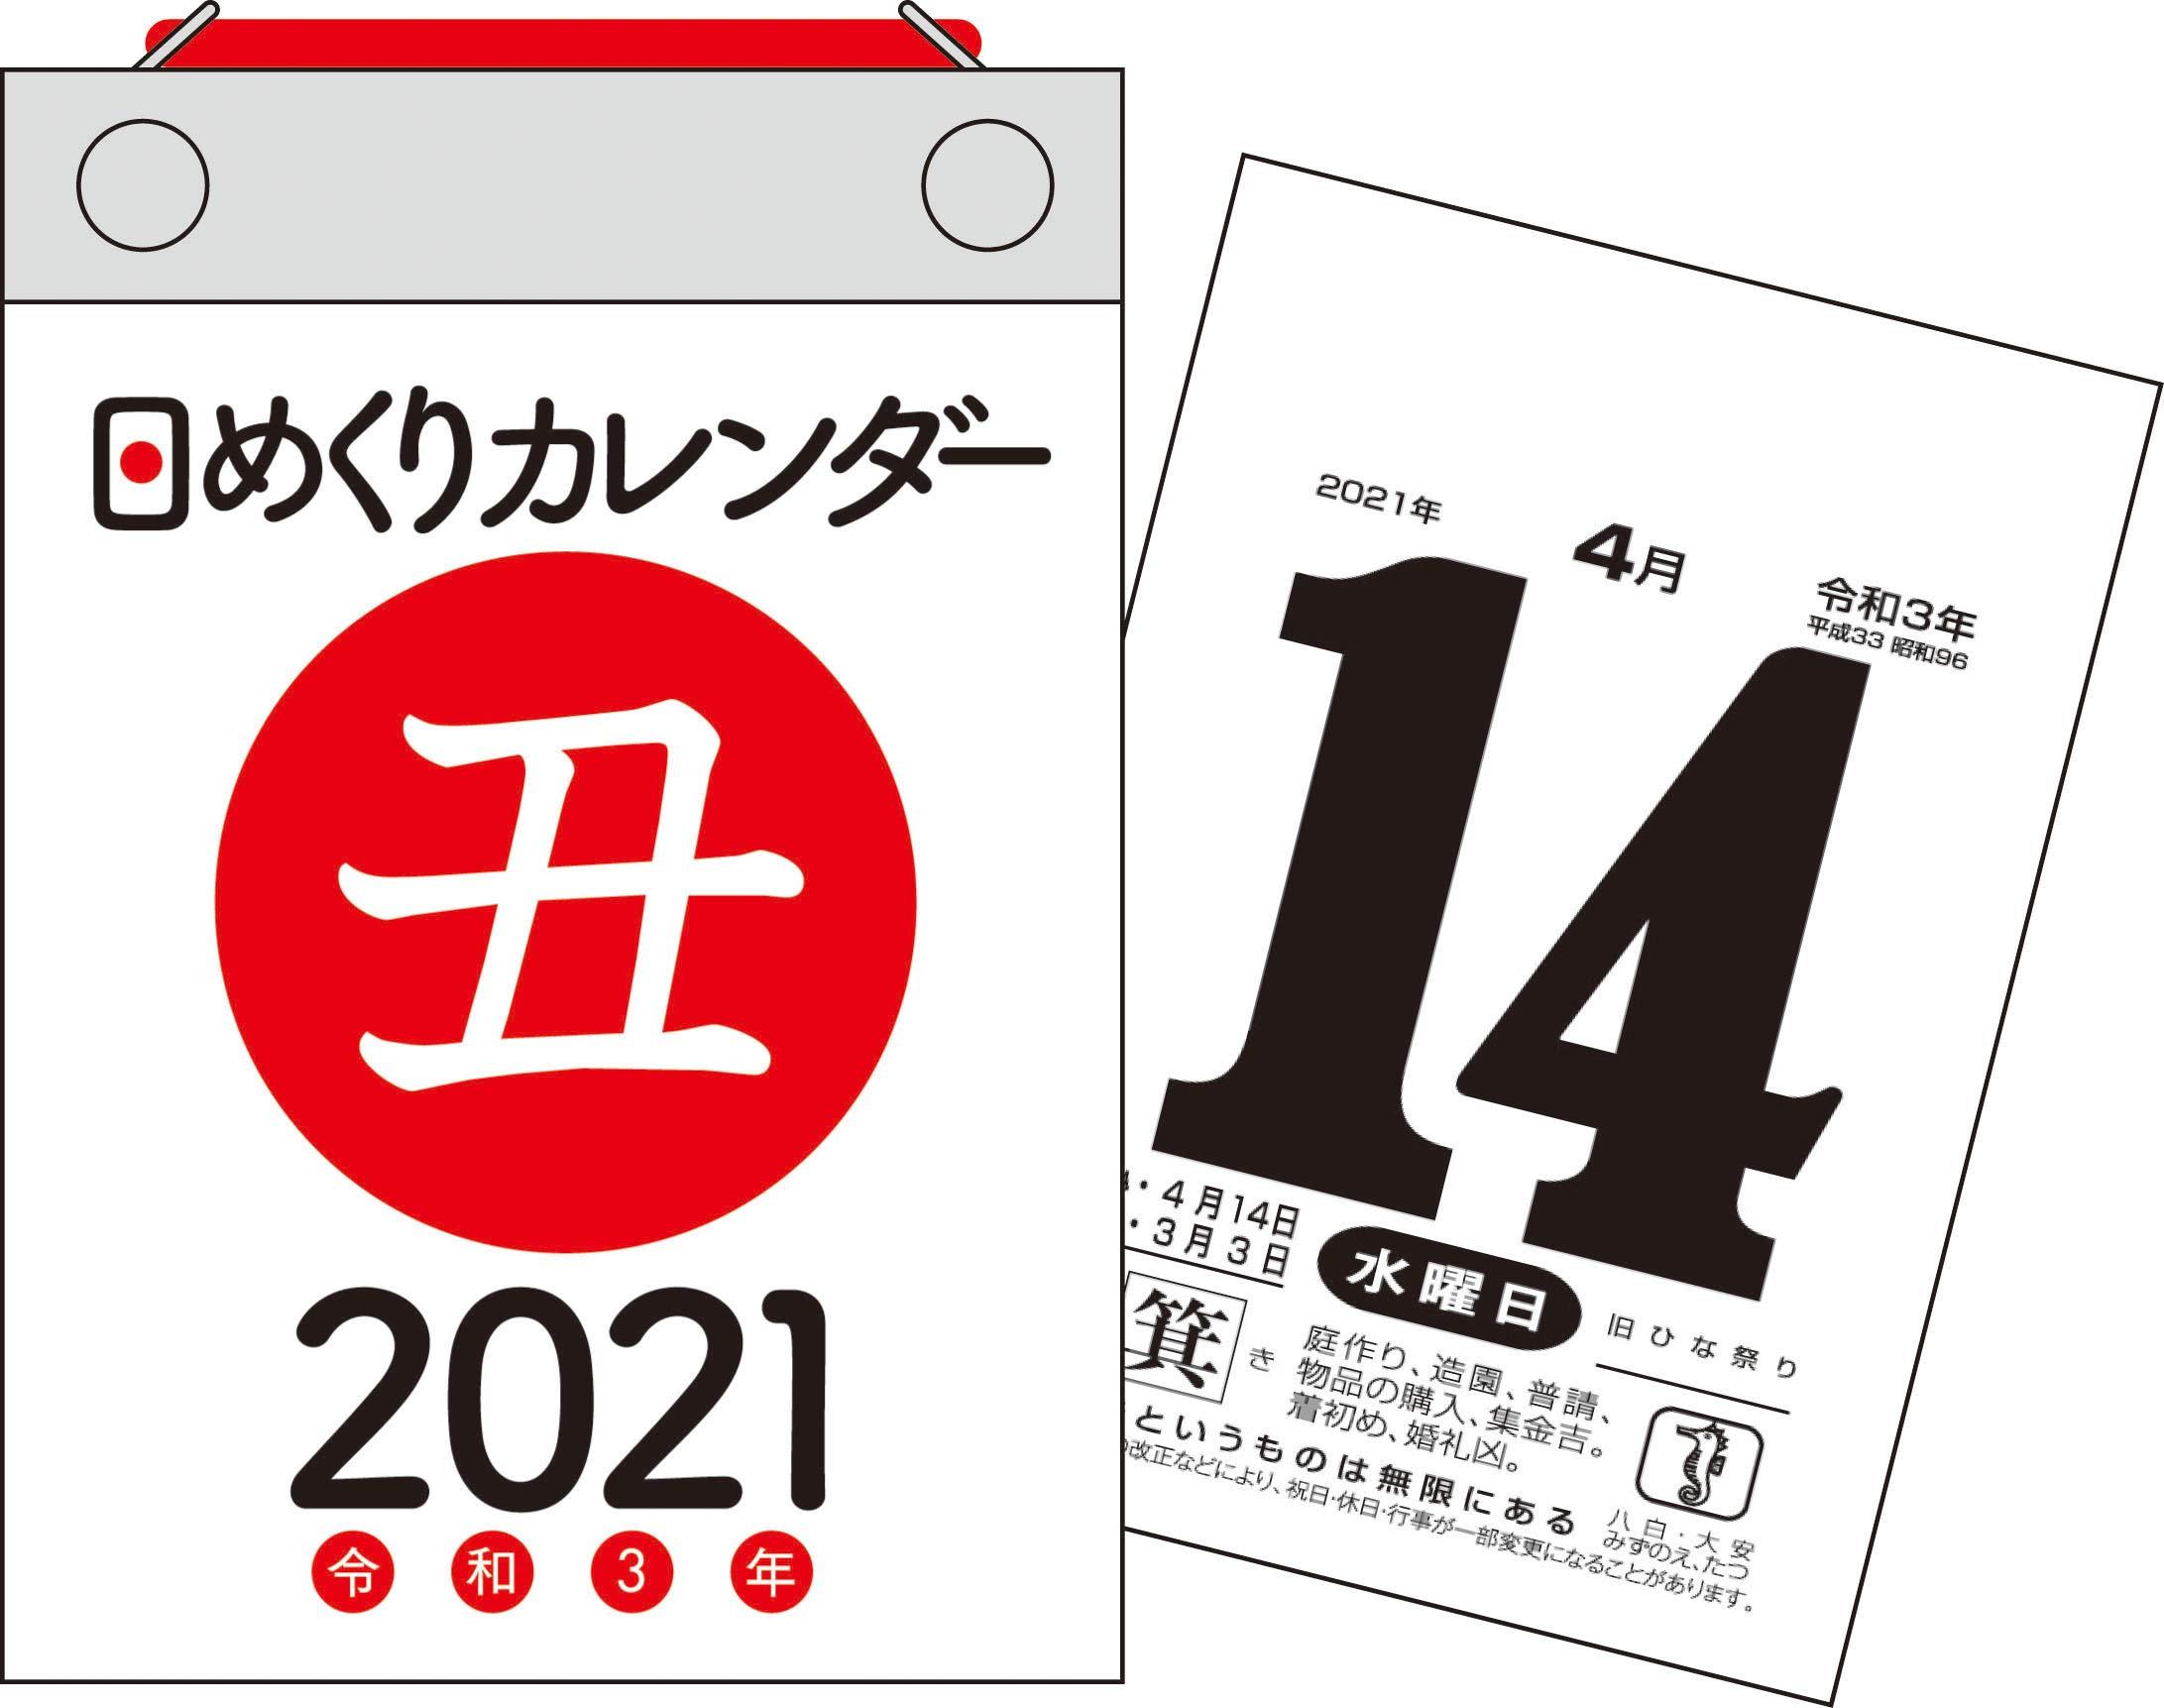 大安 2021 年 カレンダー